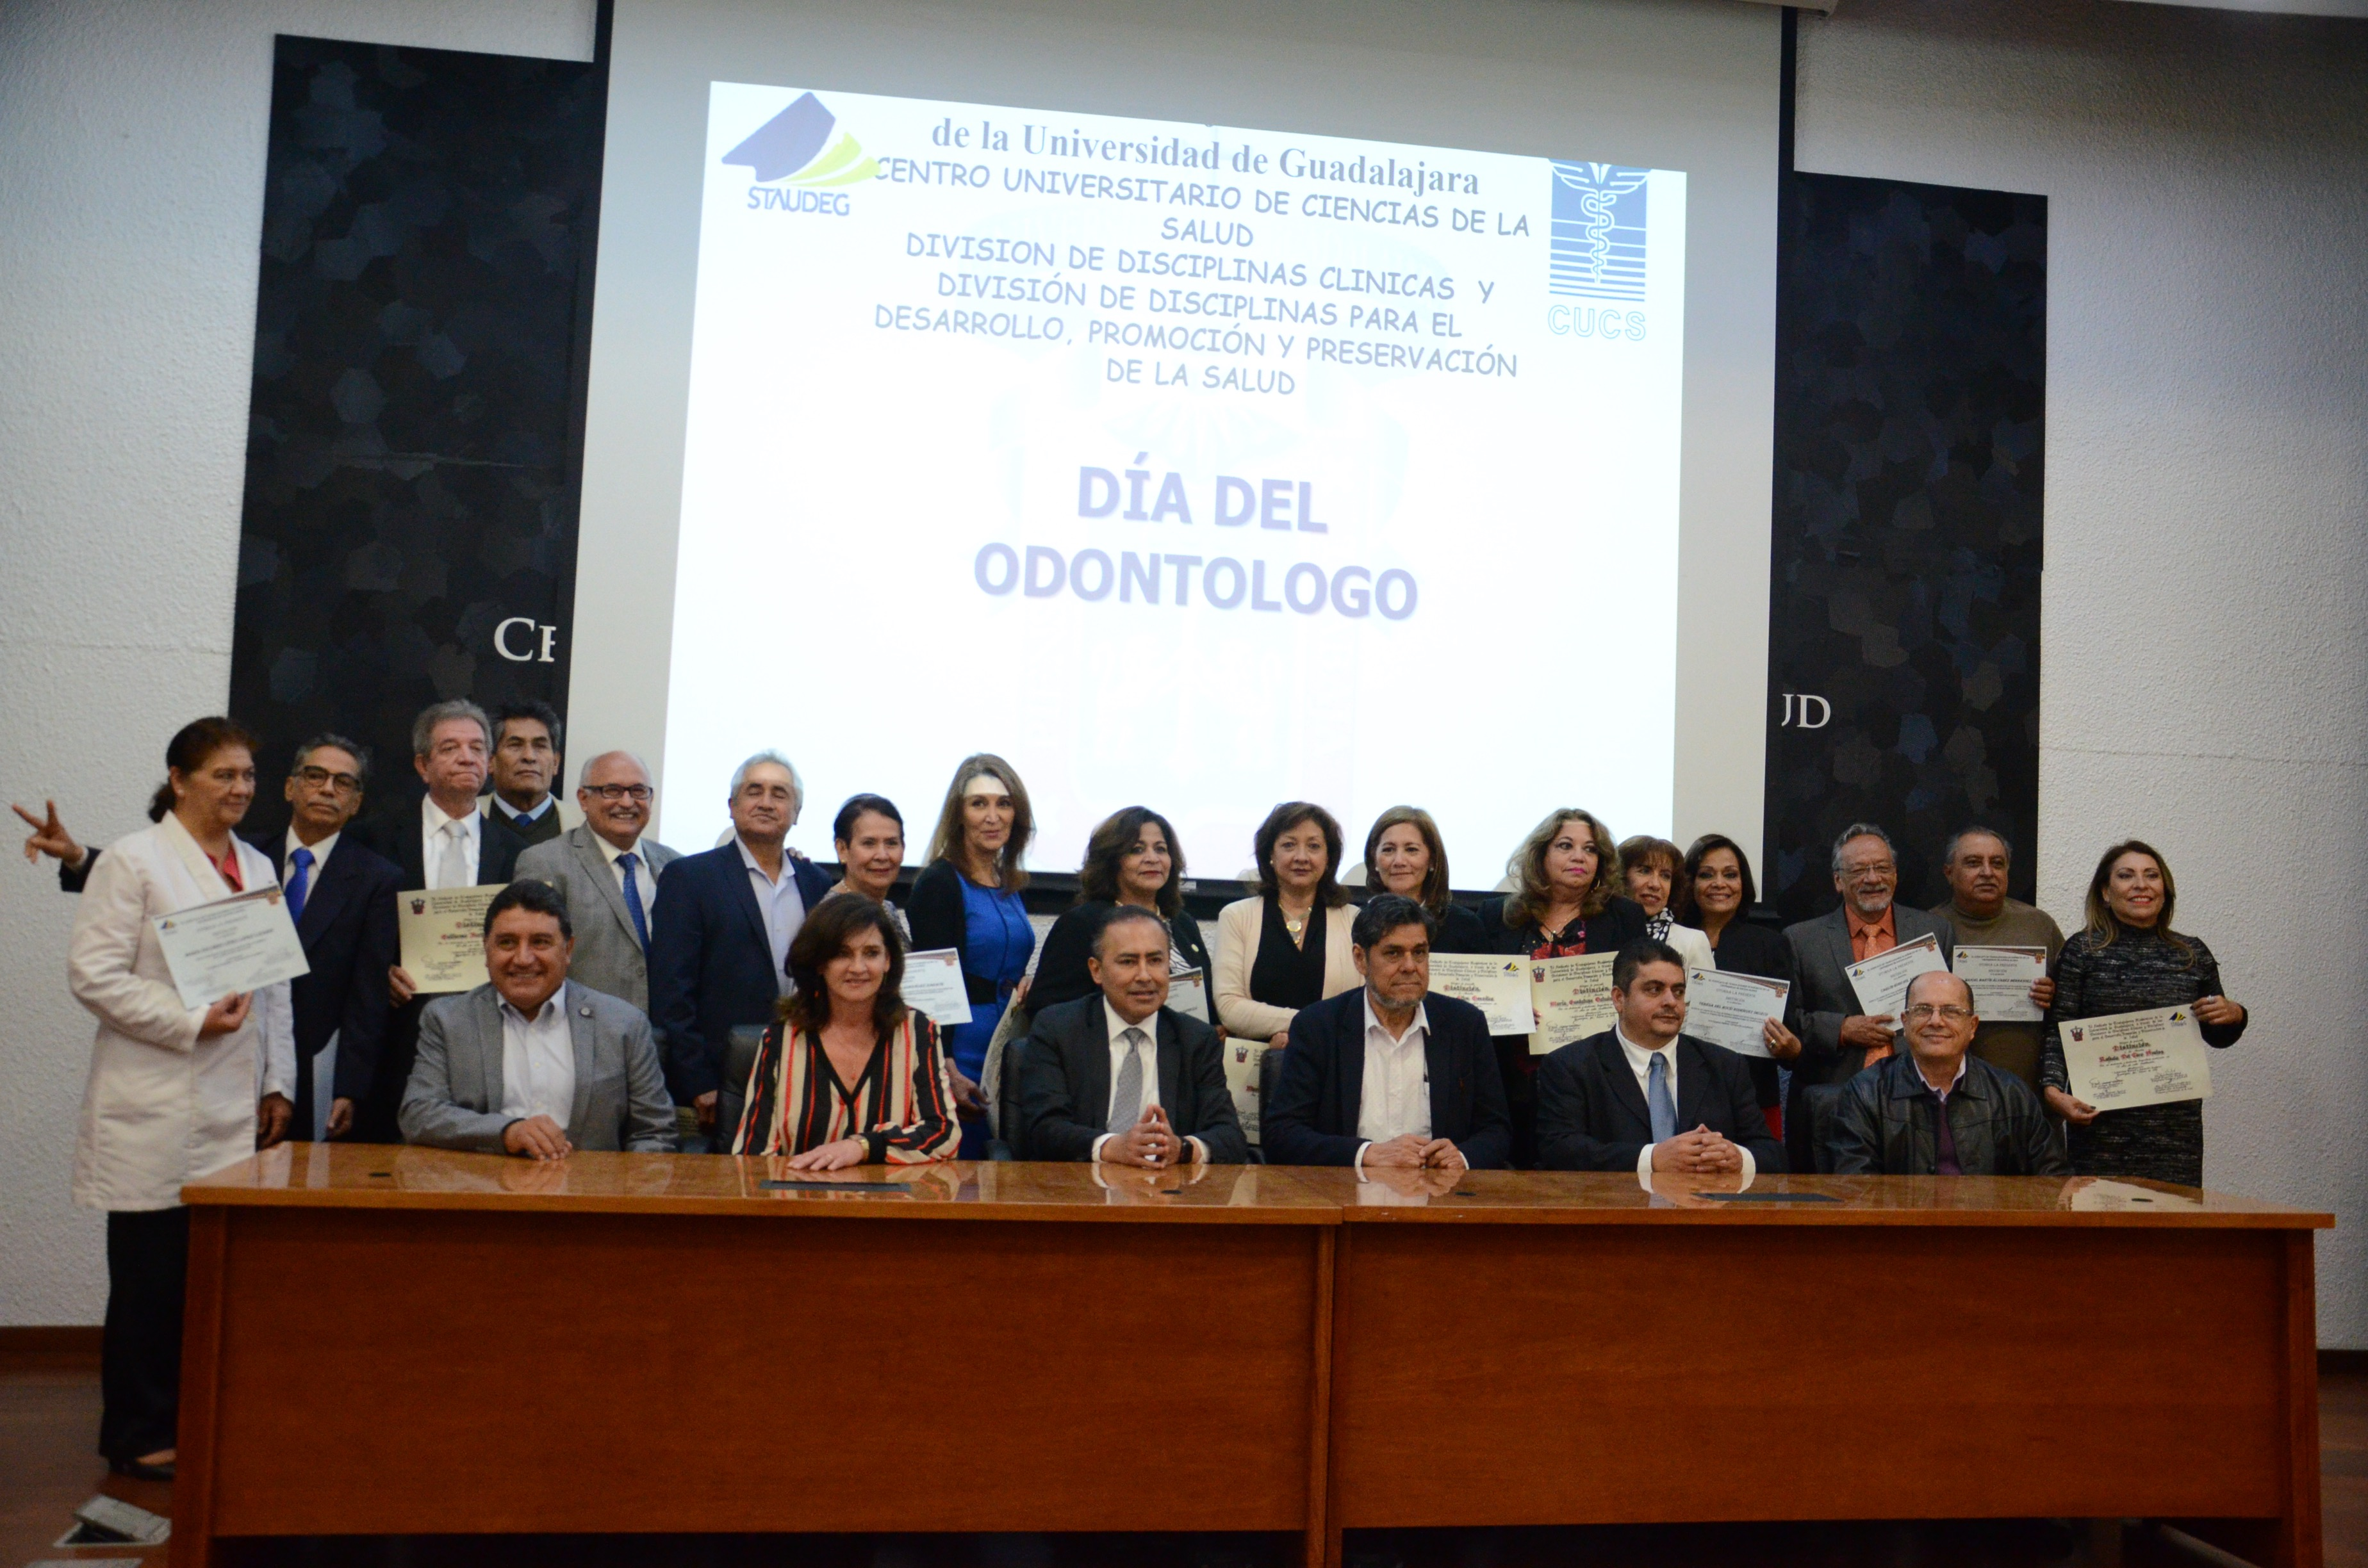 Grupo de odontólogos reconocidos posando para la foto con el rector del CUCS y demás autoridades.